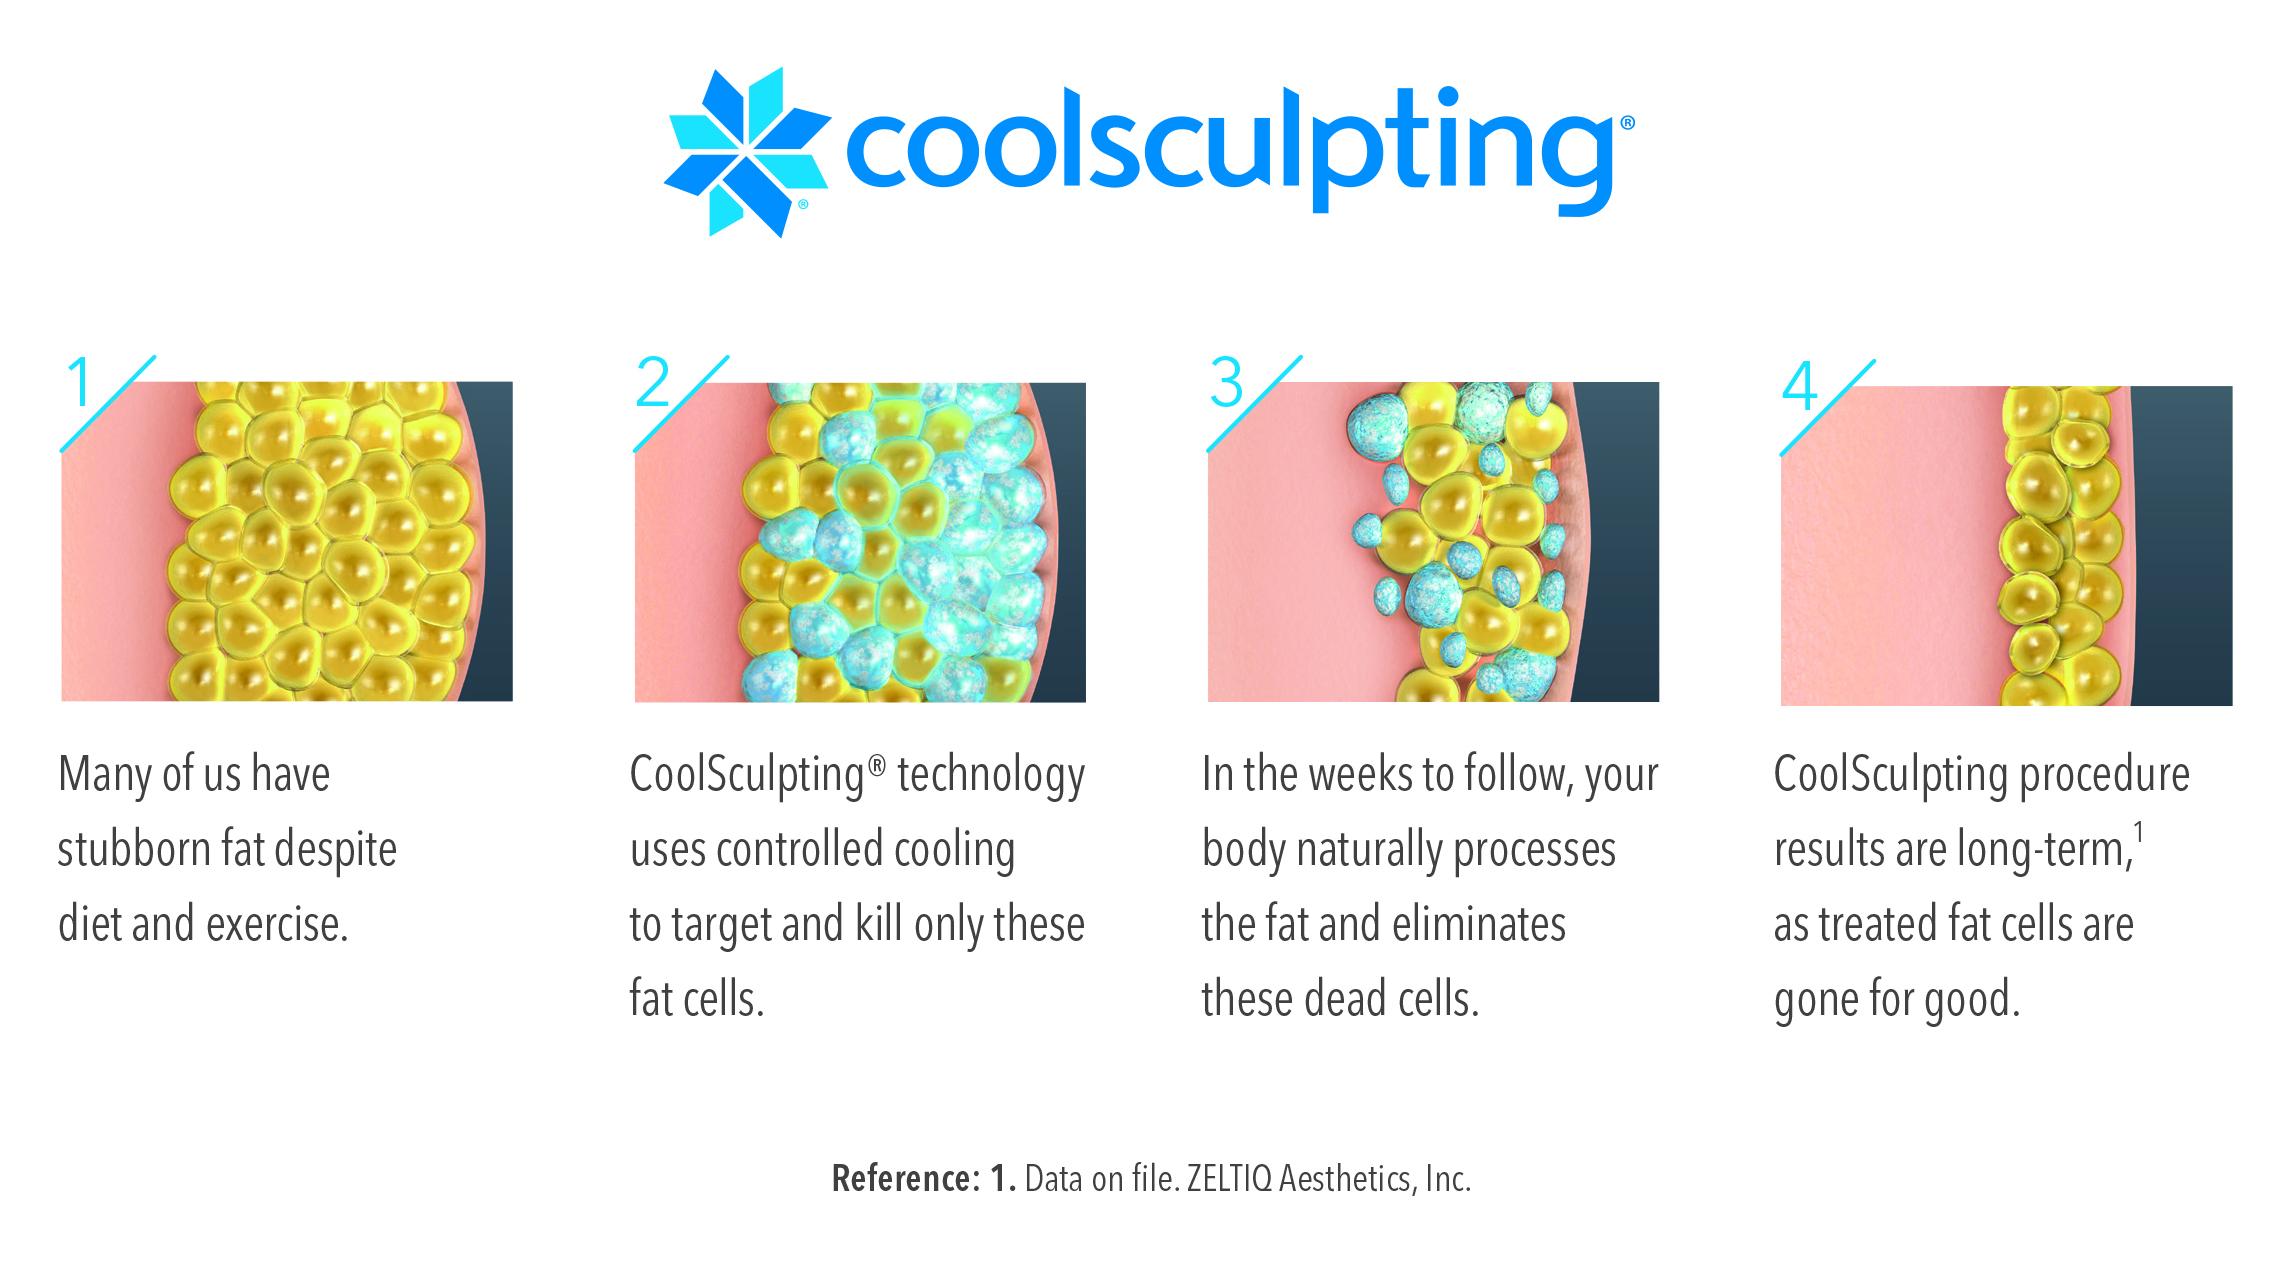 coolsculpting illustration